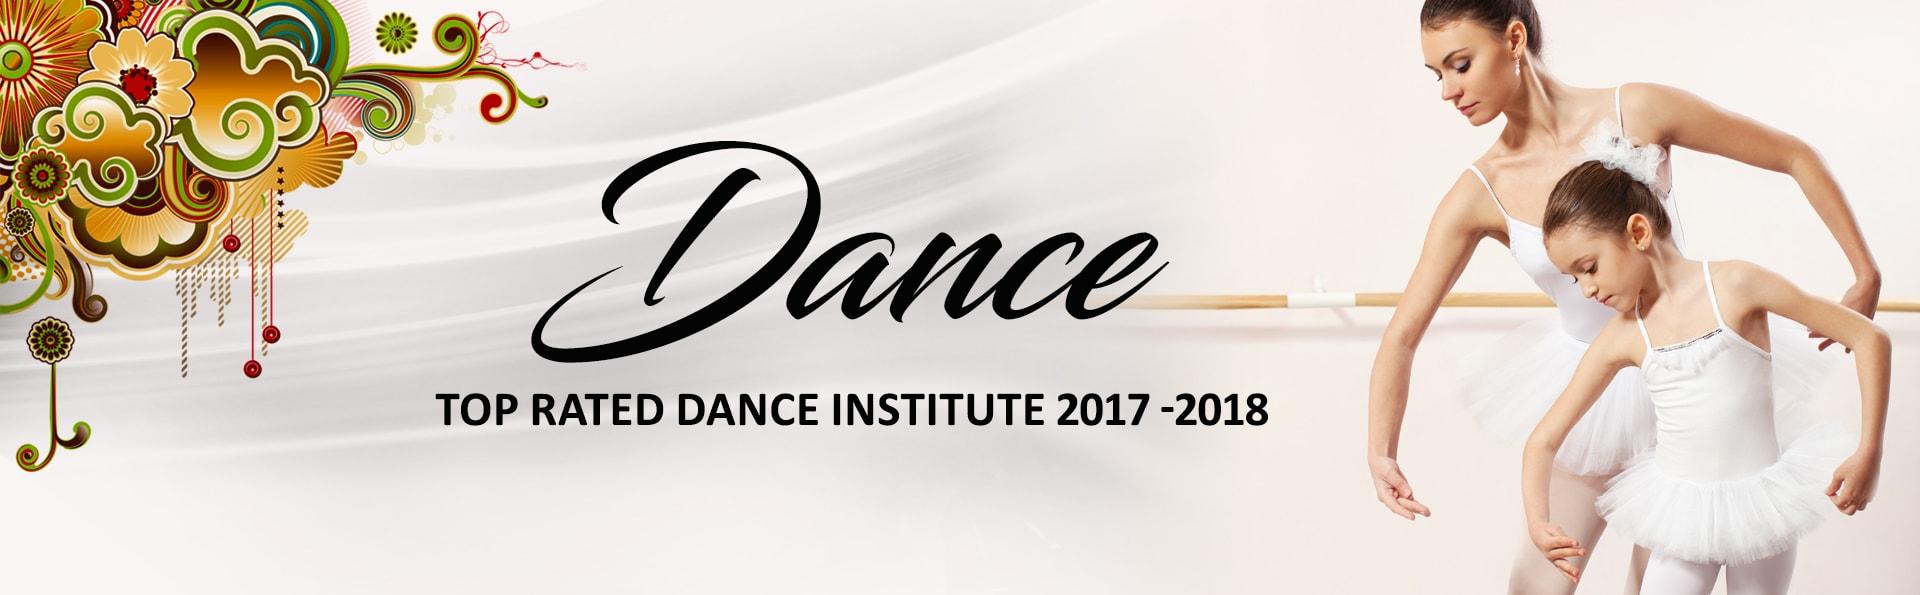 Dance Classes at melodica dance school in dubai